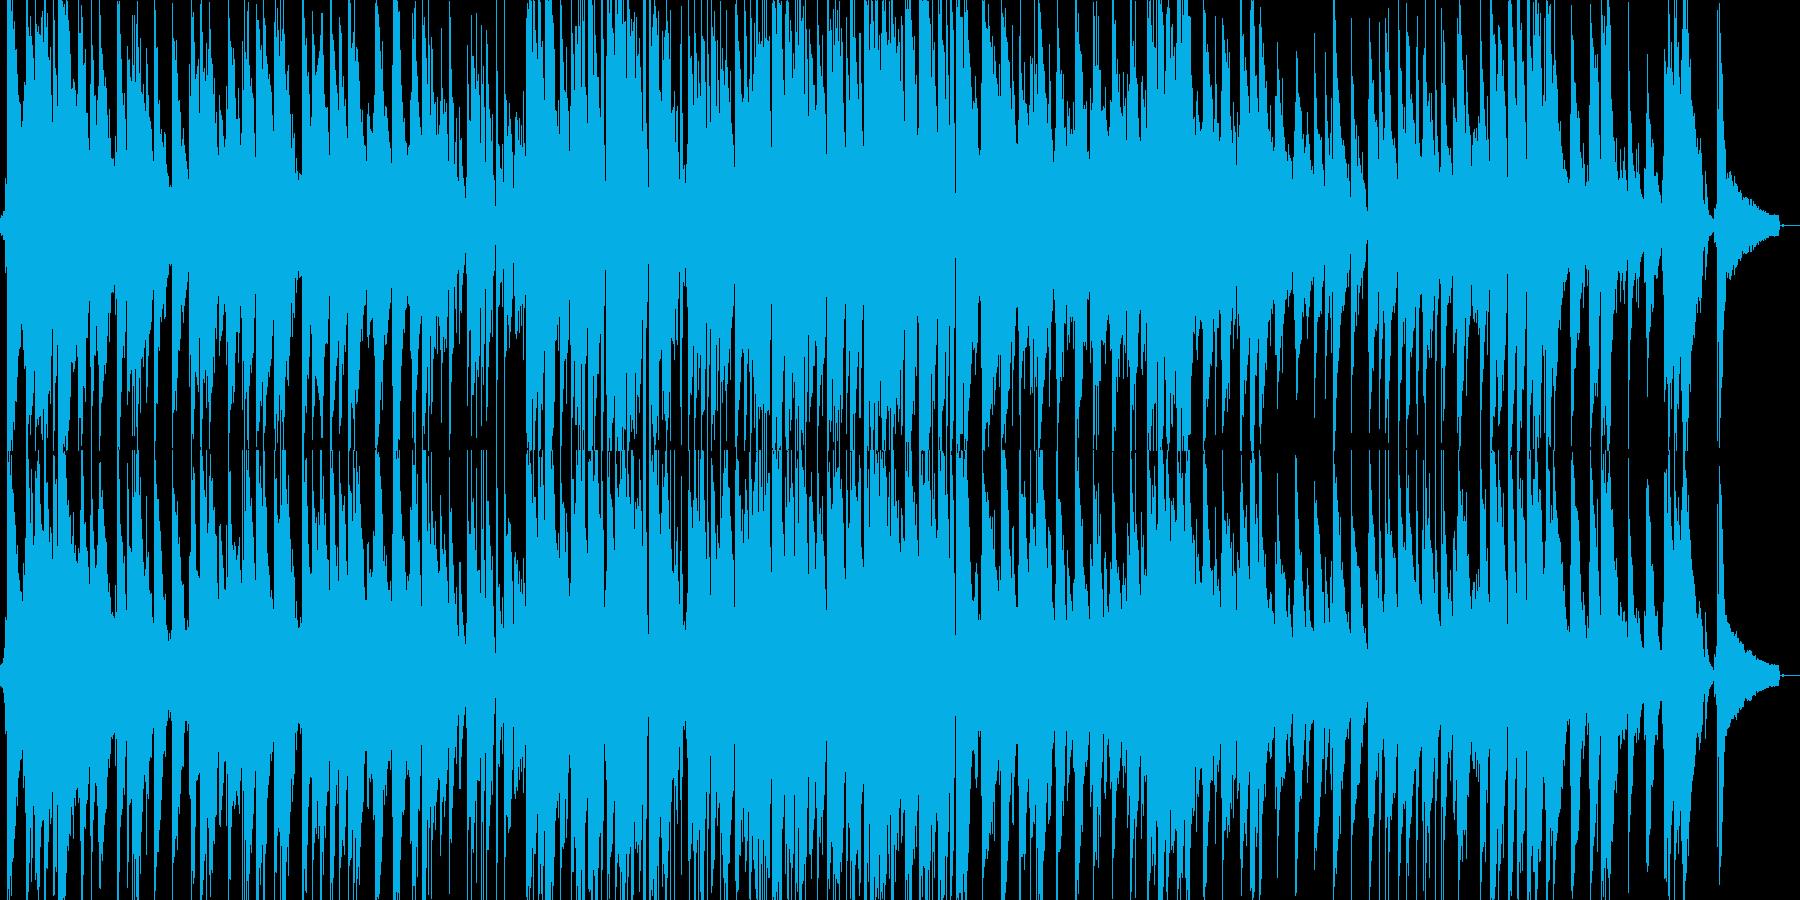 ほたるこいのピアノトリオワルツの再生済みの波形